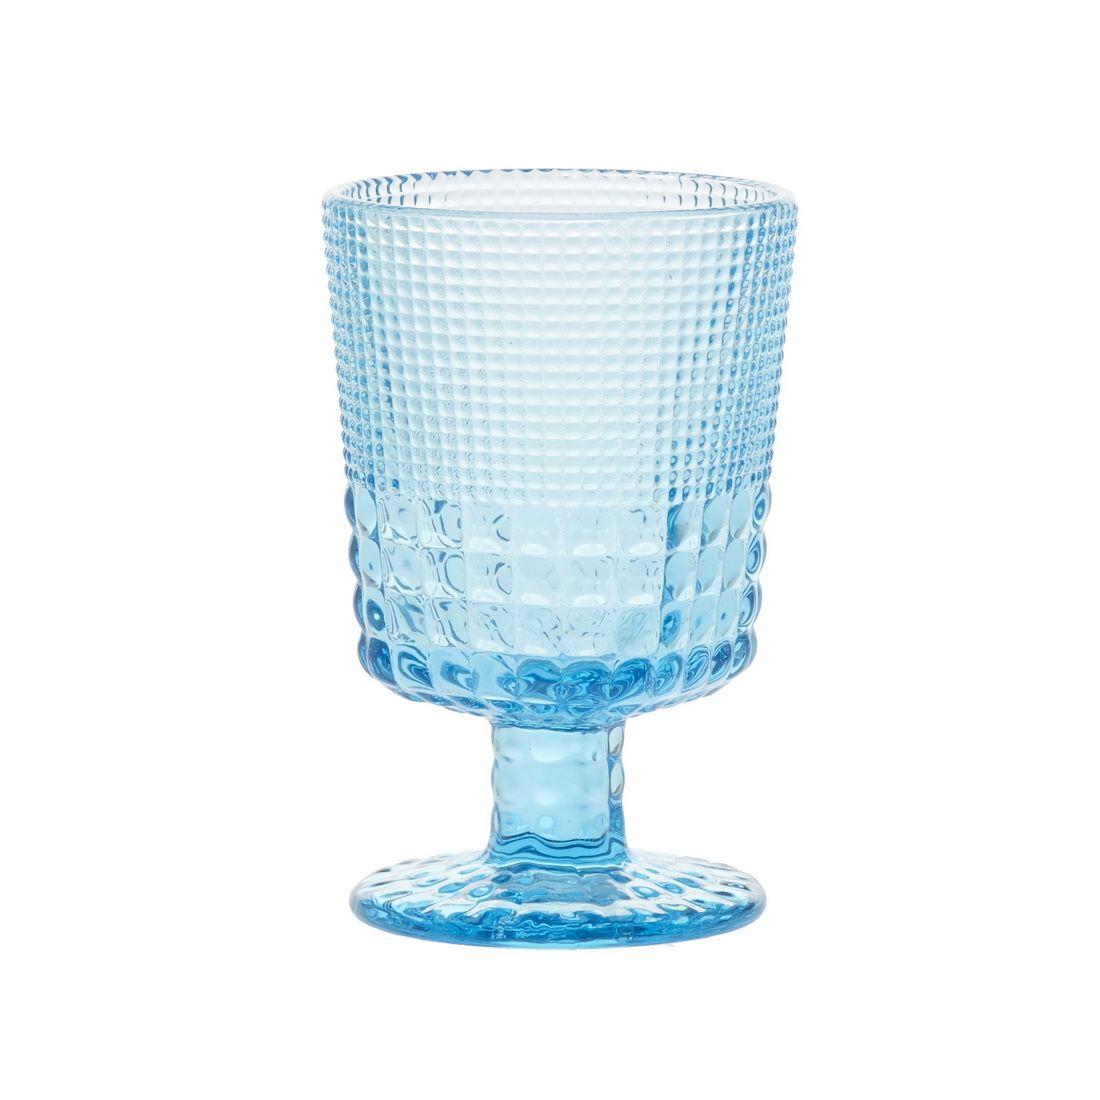 Бокал для белого вина Royal drops, голубойБокал для белого вина Ройял дропс известного производителя Магиа Густо станет эстетичным дополнением изысканной сервировки стола. Он будет уместен не только в праздничные дни, но и на семейных обедах и ужинах. Эта емкость удобна для любых напитков, в том числе воды, сока, морса. Бокал отлит из красивого голубого стекла, которое поможет создать великолепную цветовую гамму как на посудной полке, так и в ряду сервированных праздничных приборов. Стекло прочное и легко отмывается.<br>